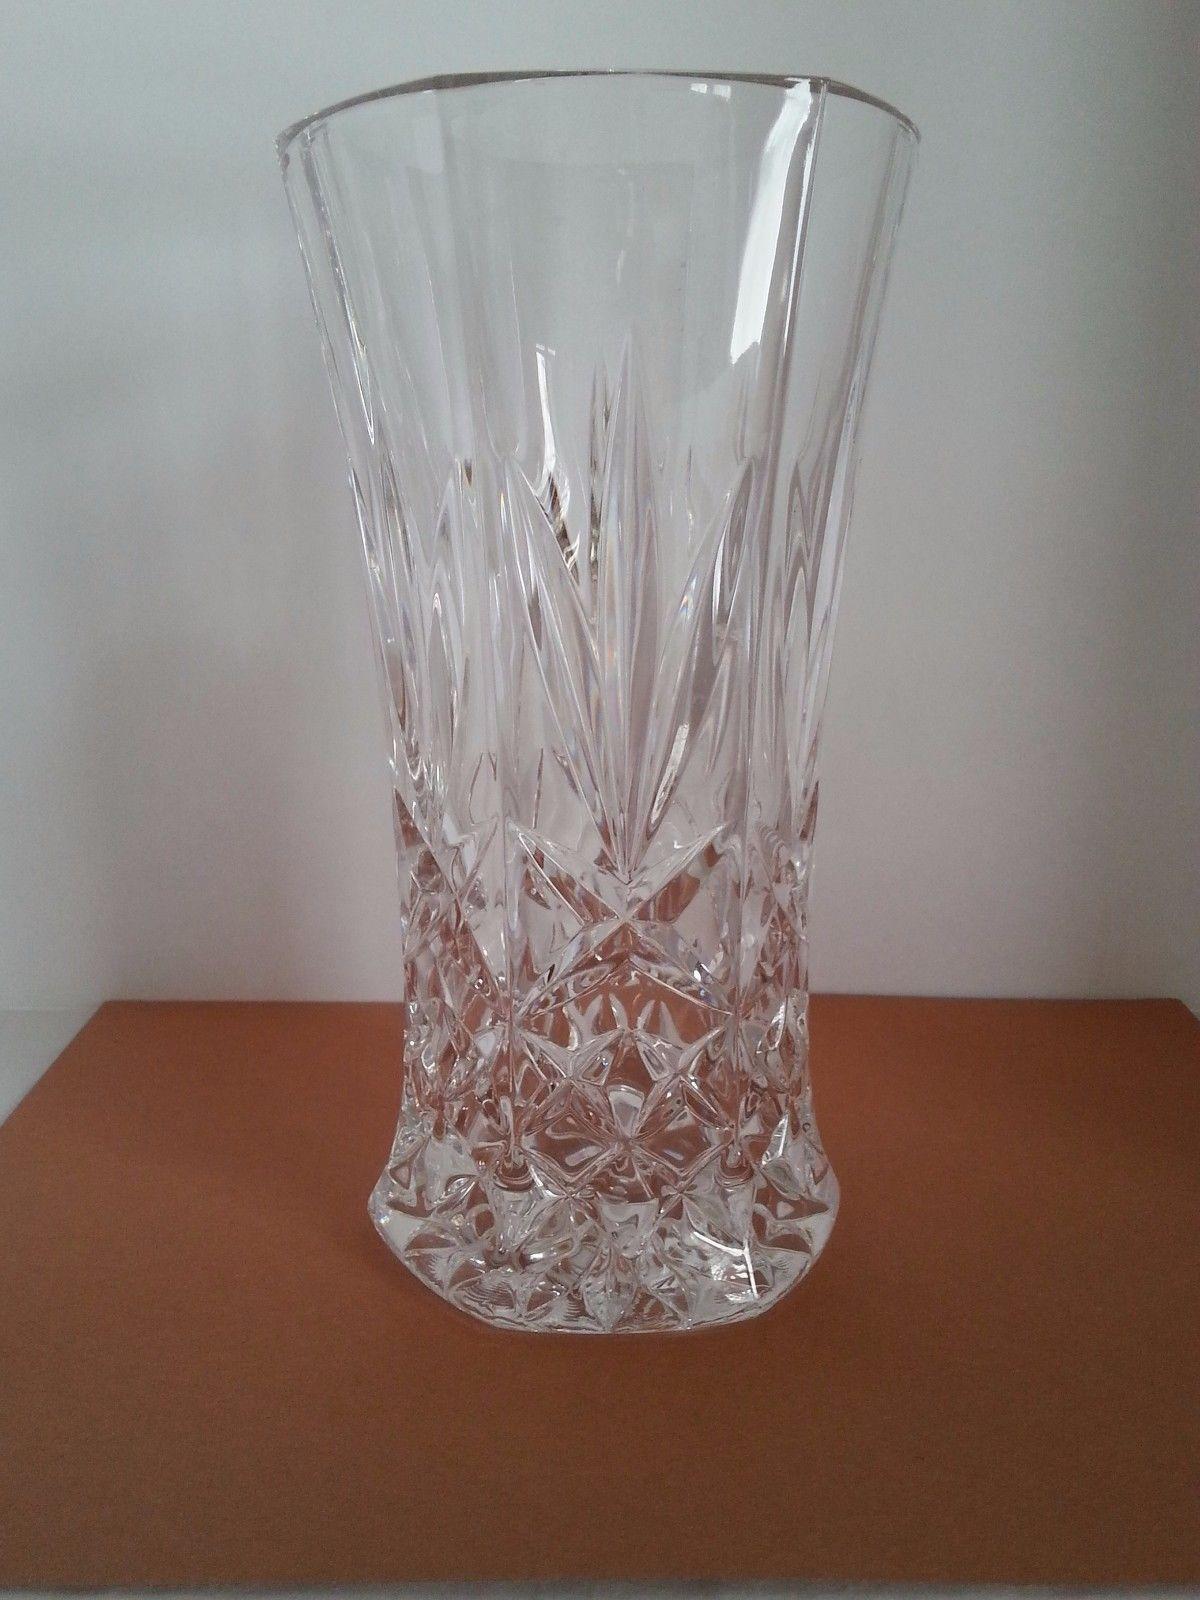 21 Unique Vintage Clear Glass Vases 2021 free download vintage clear glass vases of image result for vintage lead glass vase vintage pinterest for image result for vintage lead glass vase